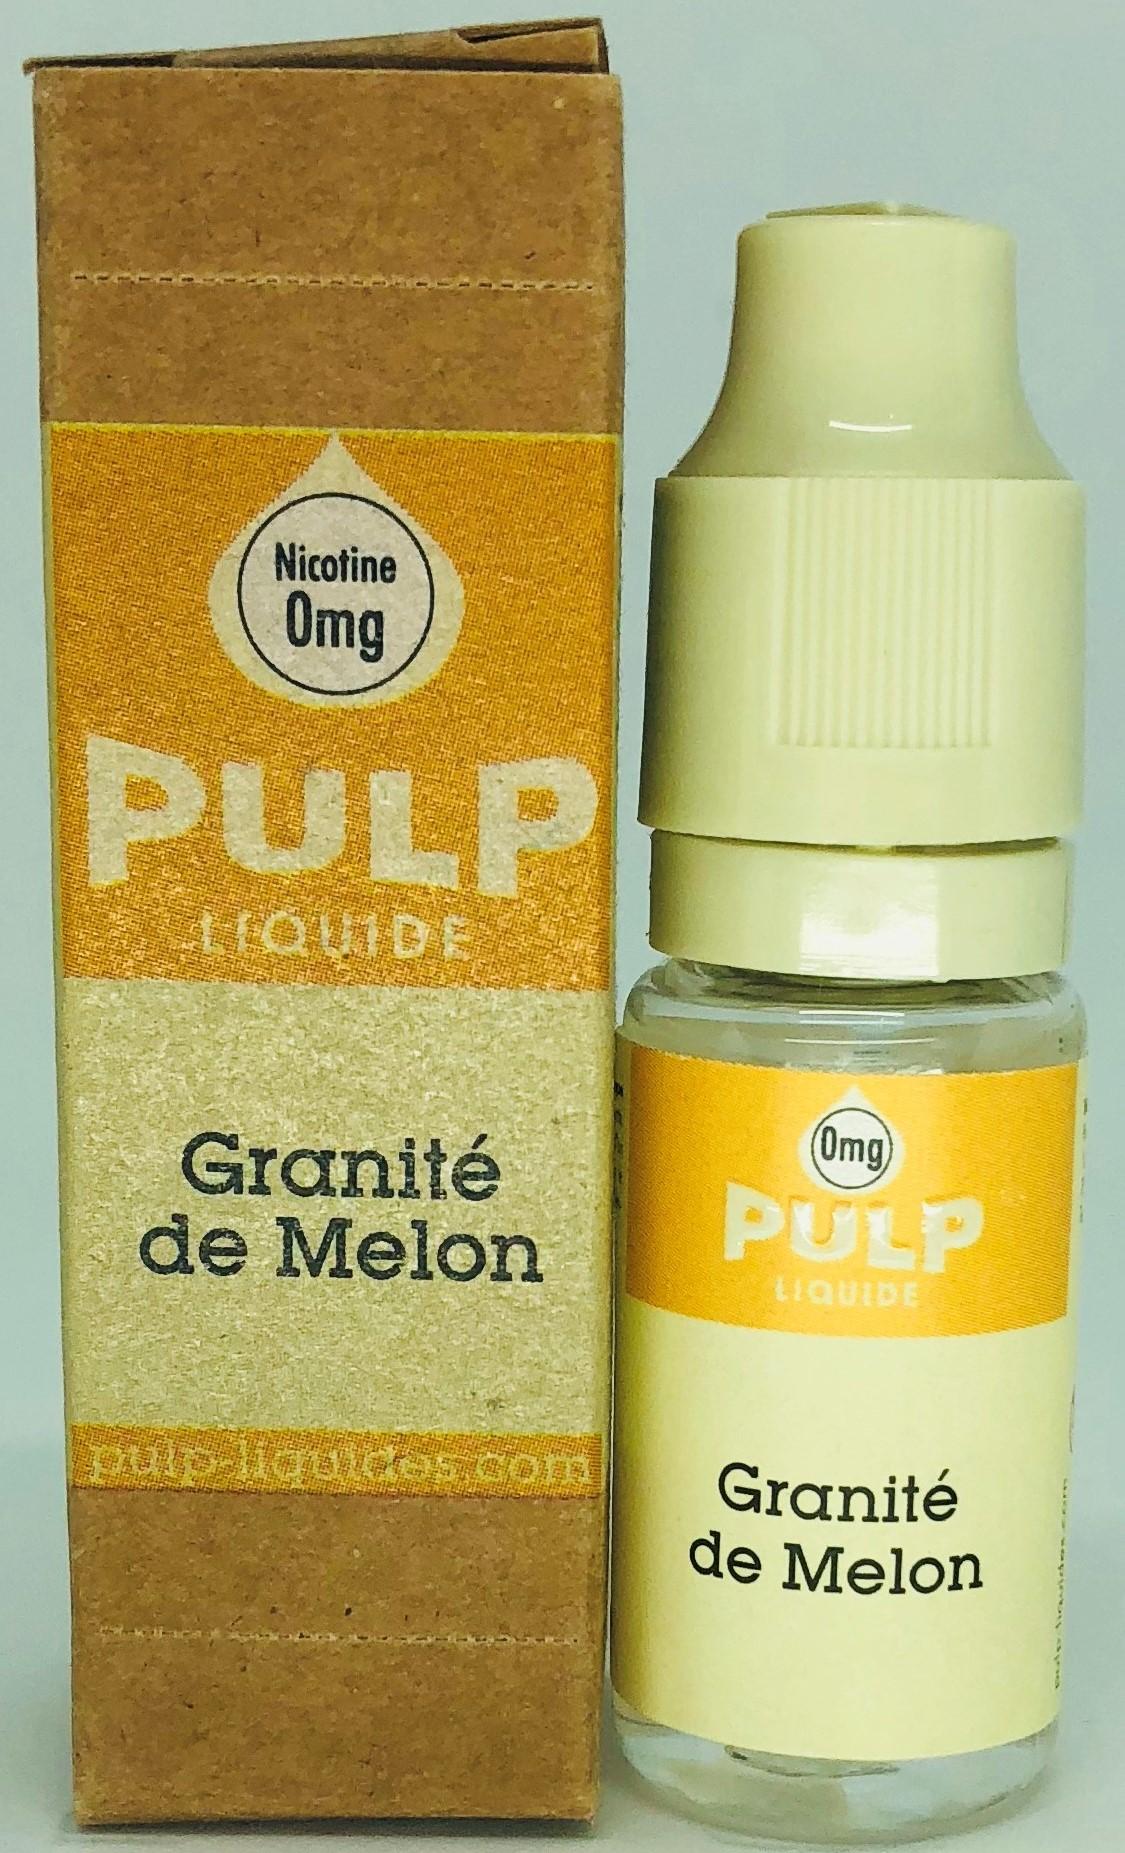 GRANITE DE MELON